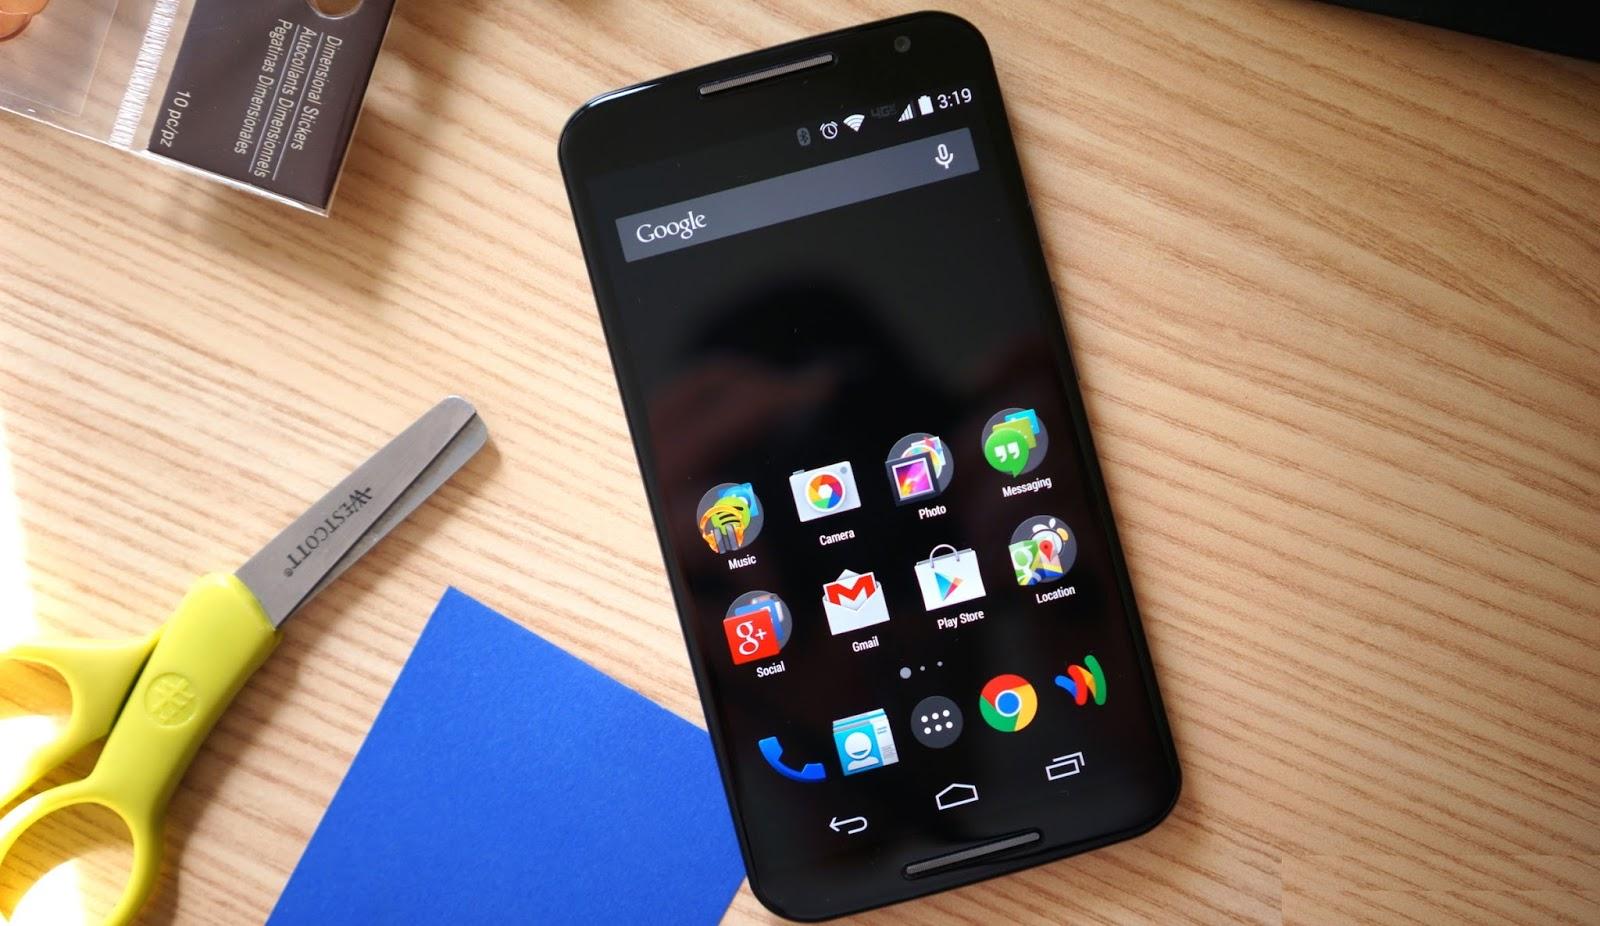 e8508e8013f Usar papel de parede preto ajuda a economizar a bateria do celular ...